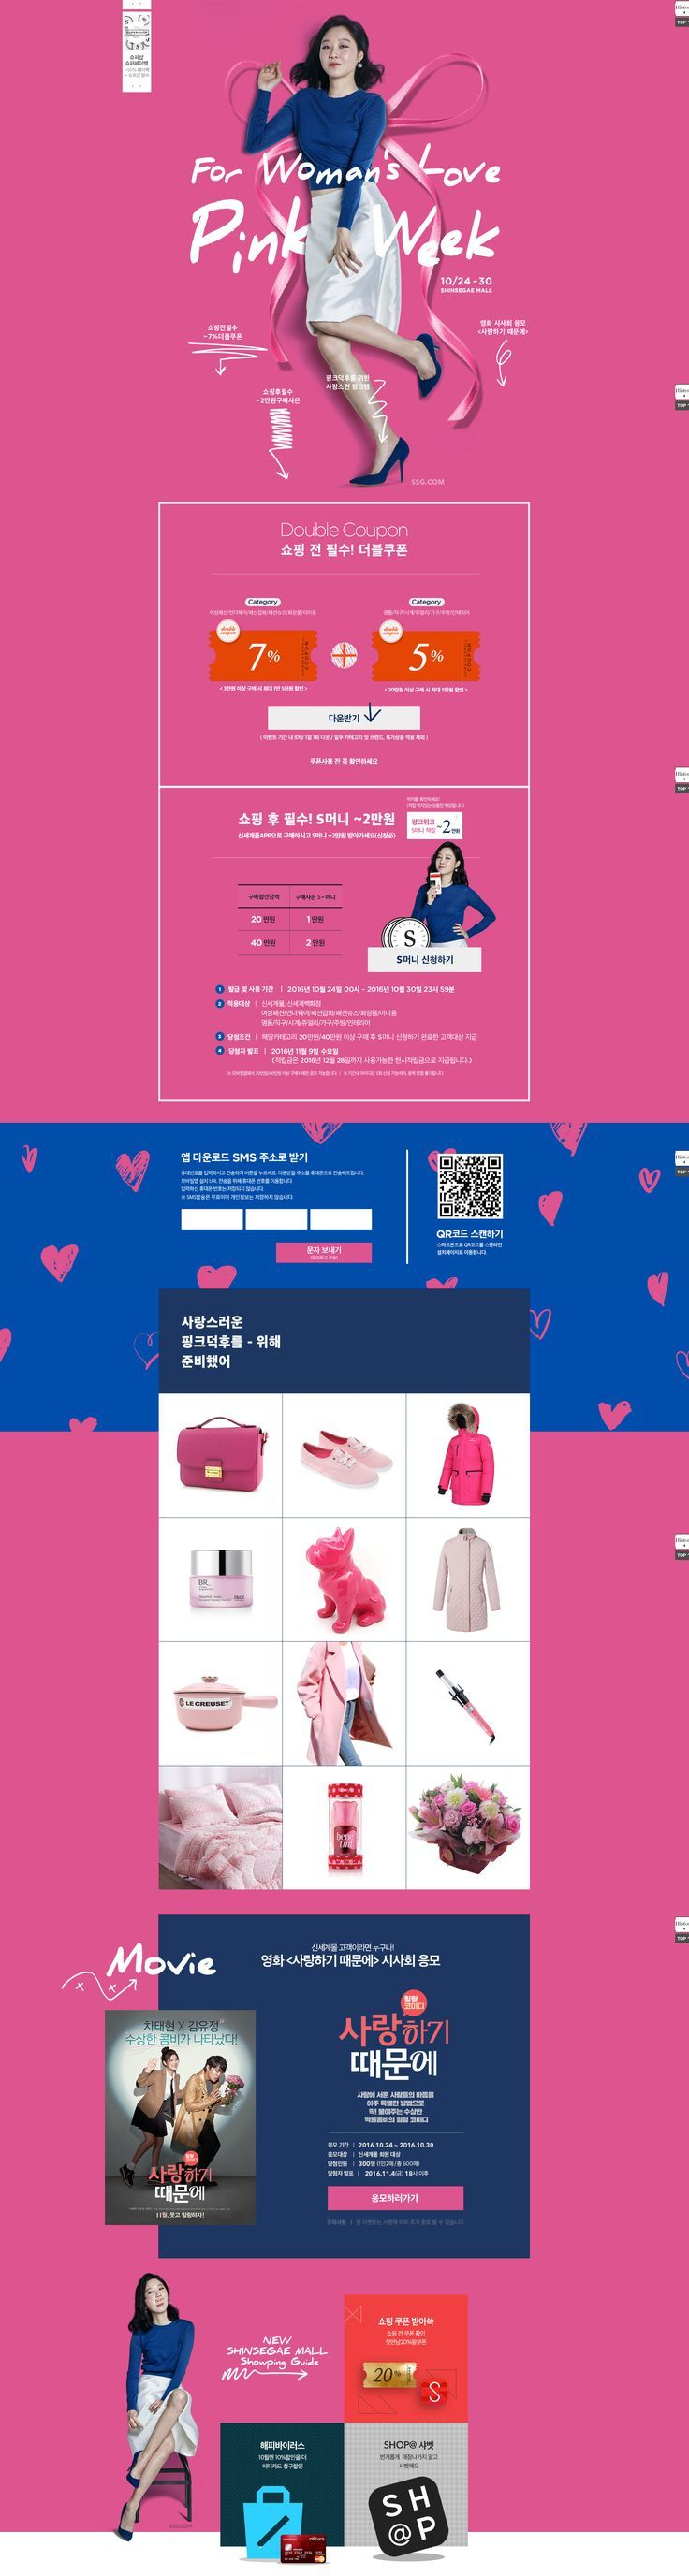 #2016년10월4주차 #ssg닷컴 #핑크 위크 www.ssg.com. If you like UX, design, or design thinking, check out theuxblog.com